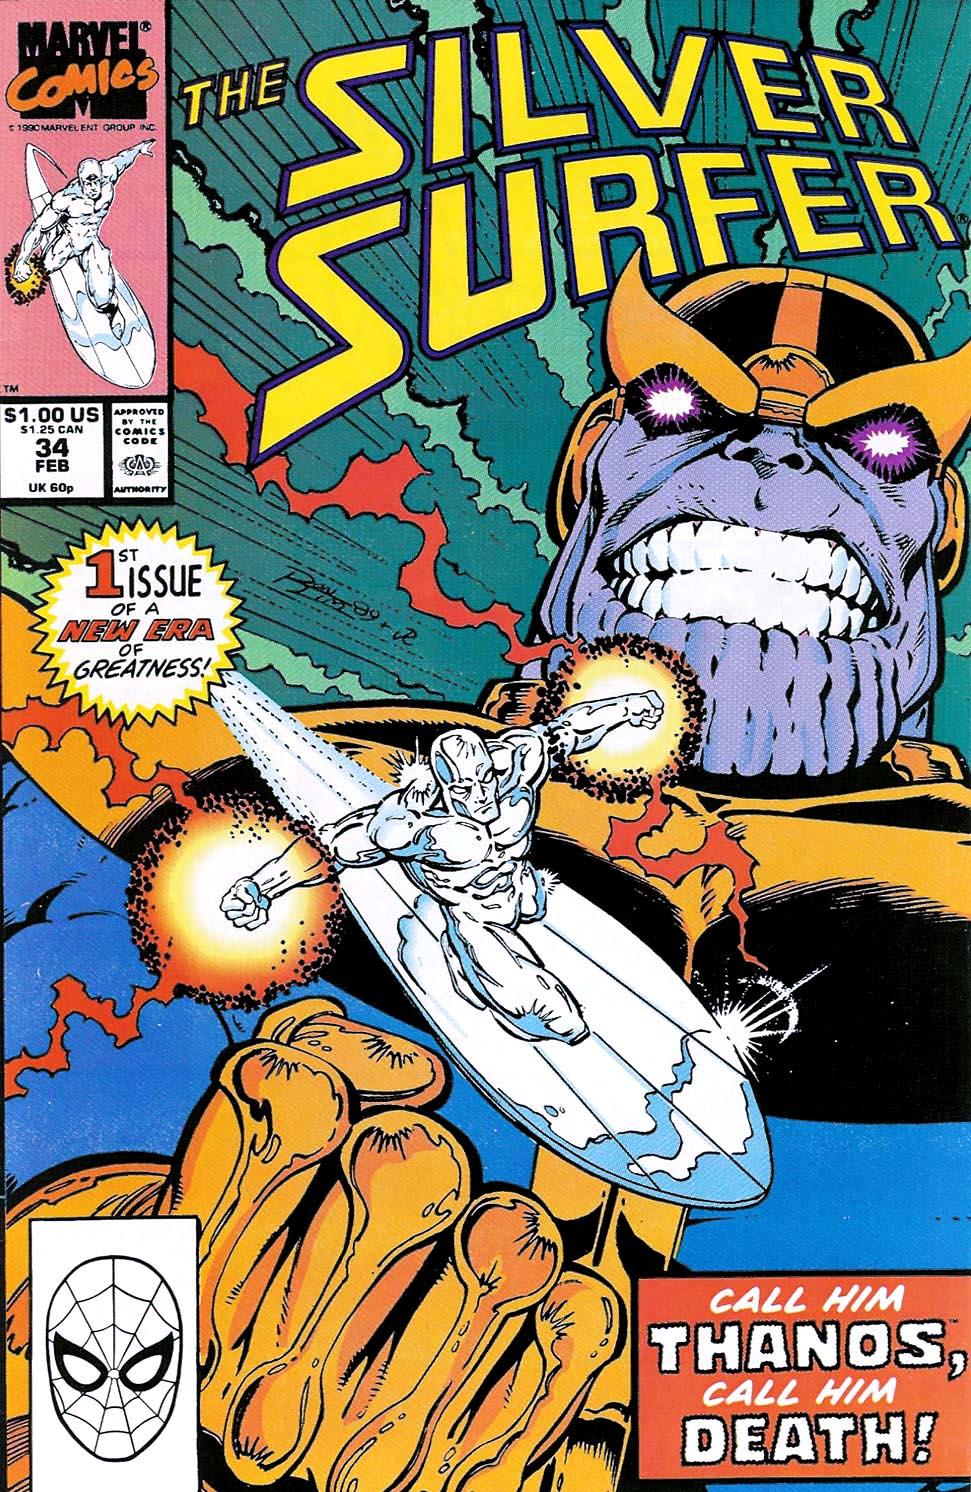 Серебряный Серфер комиксы Марвел читать онлайн на русском - Silver Surfer